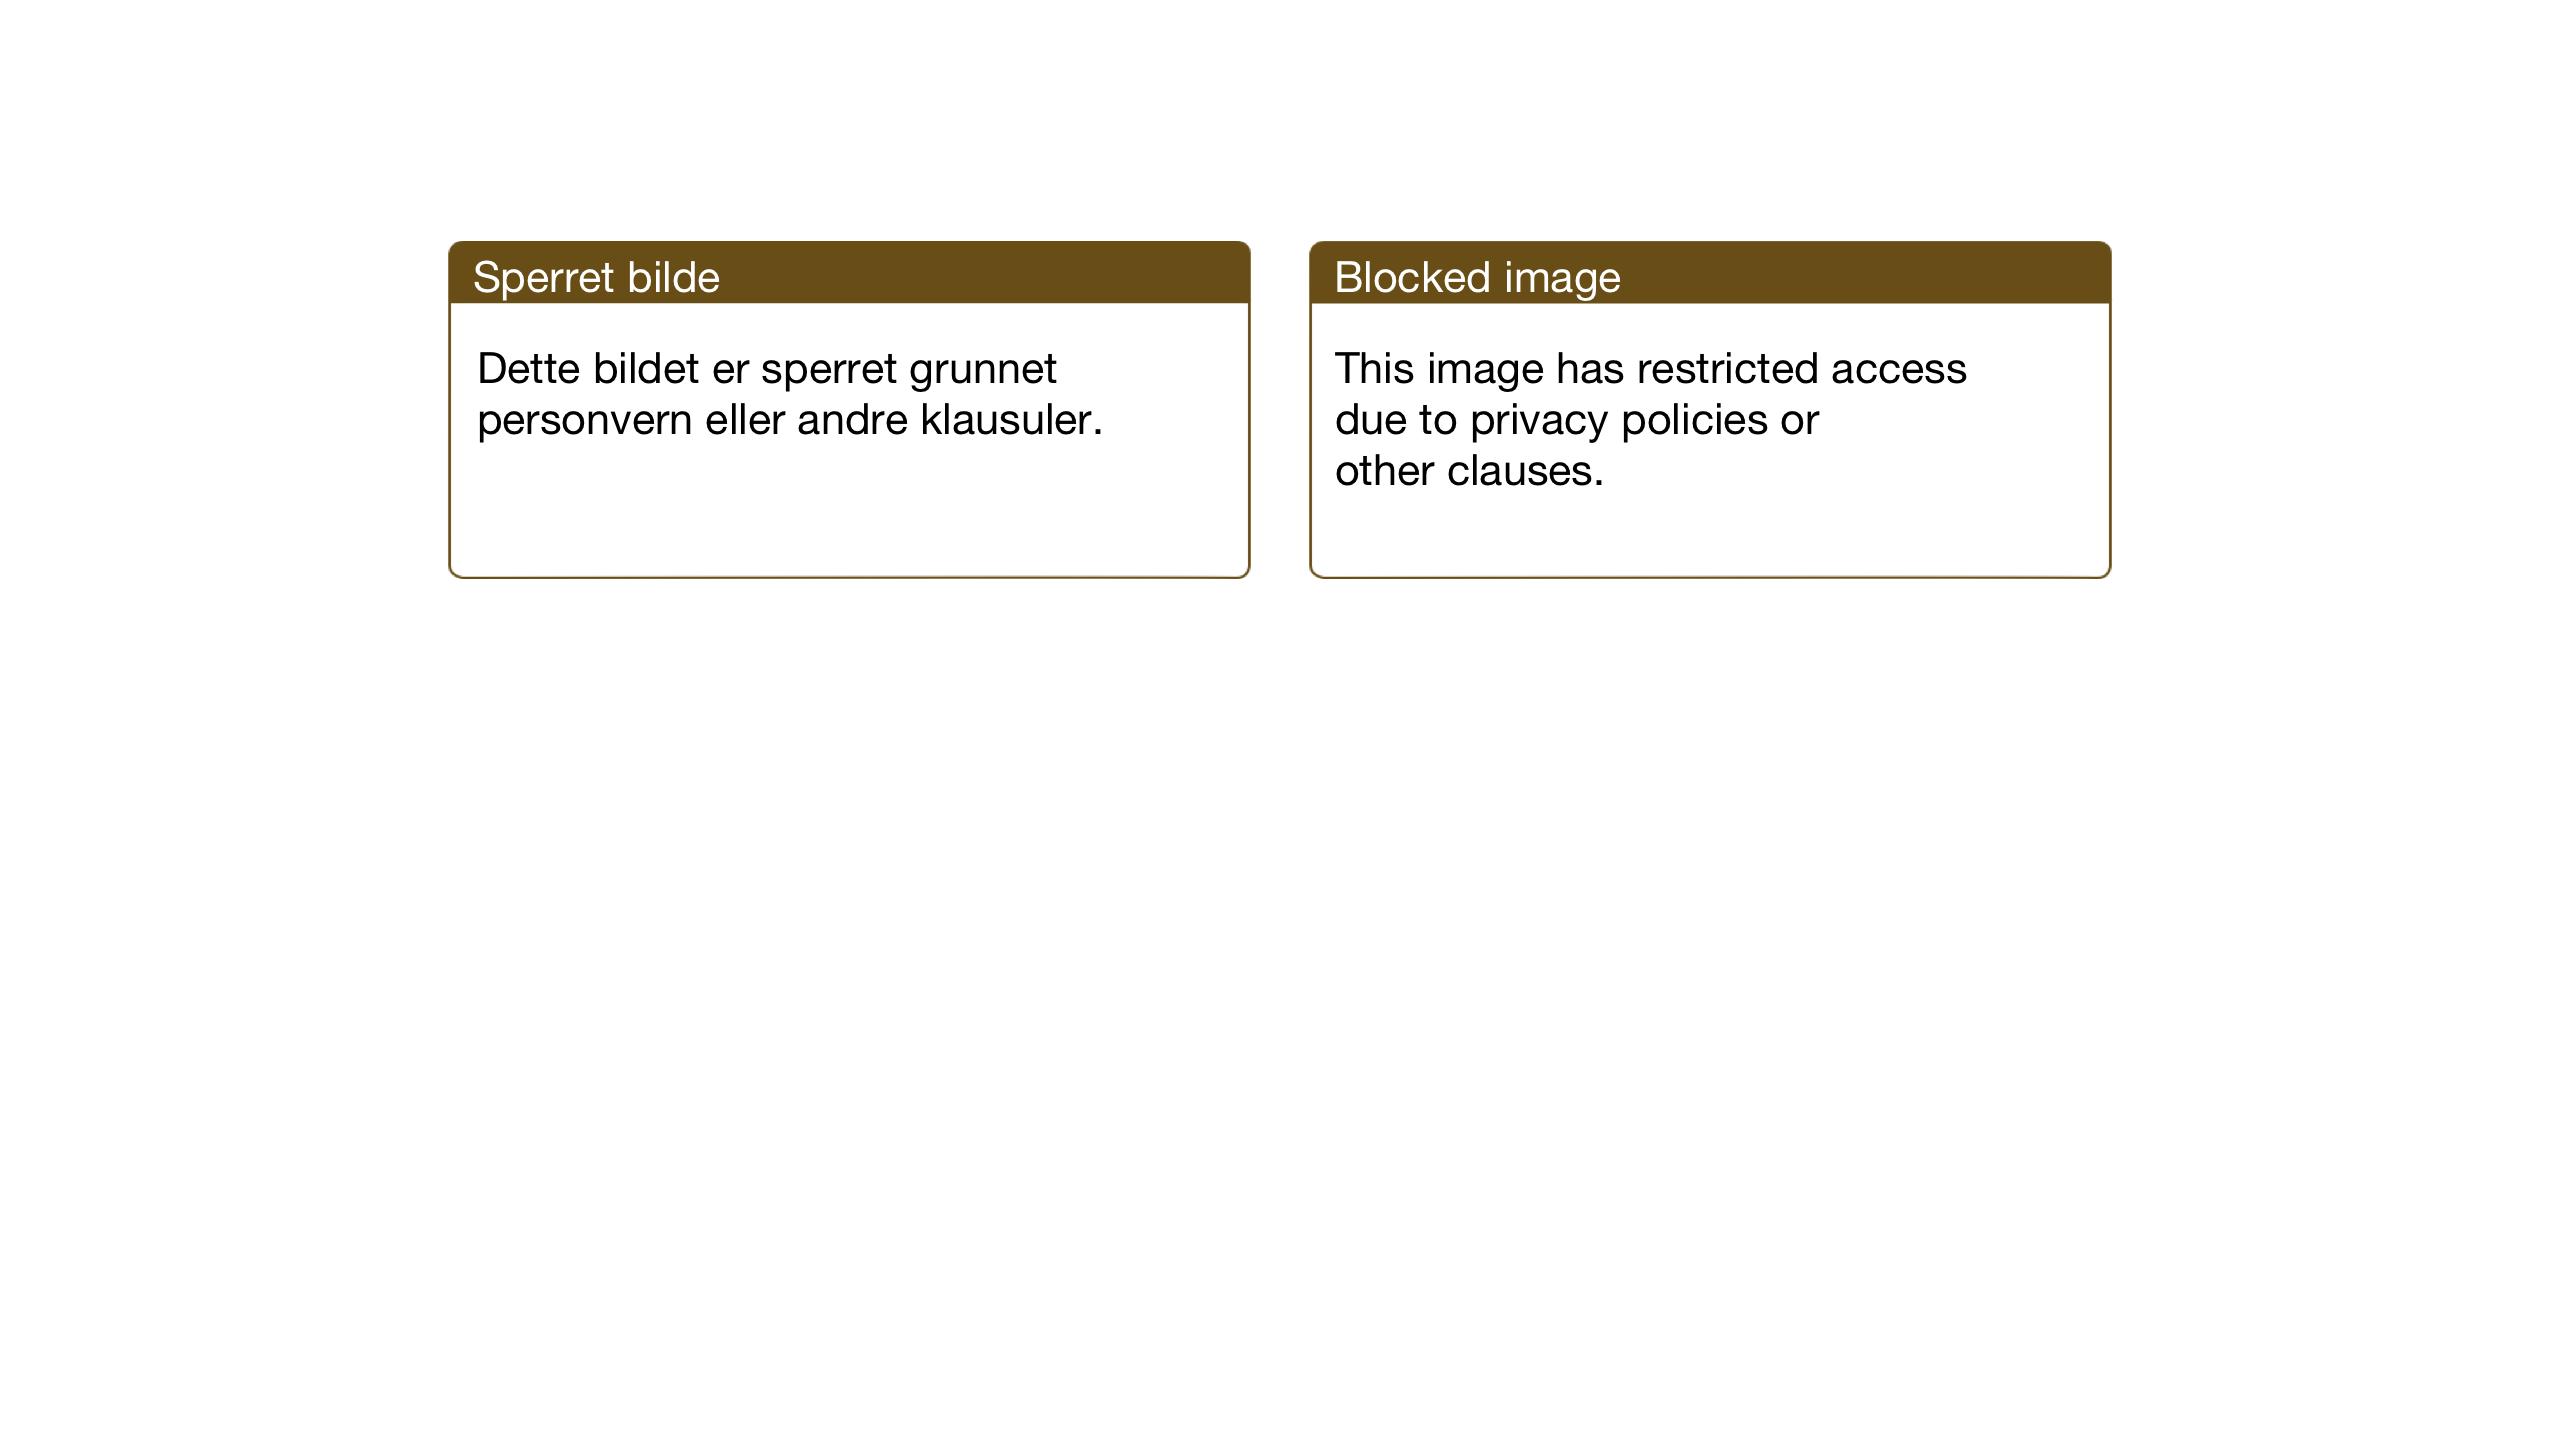 SAT, Ministerialprotokoller, klokkerbøker og fødselsregistre - Sør-Trøndelag, 665/L0778: Klokkerbok nr. 665C03, 1916-1938, s. 34